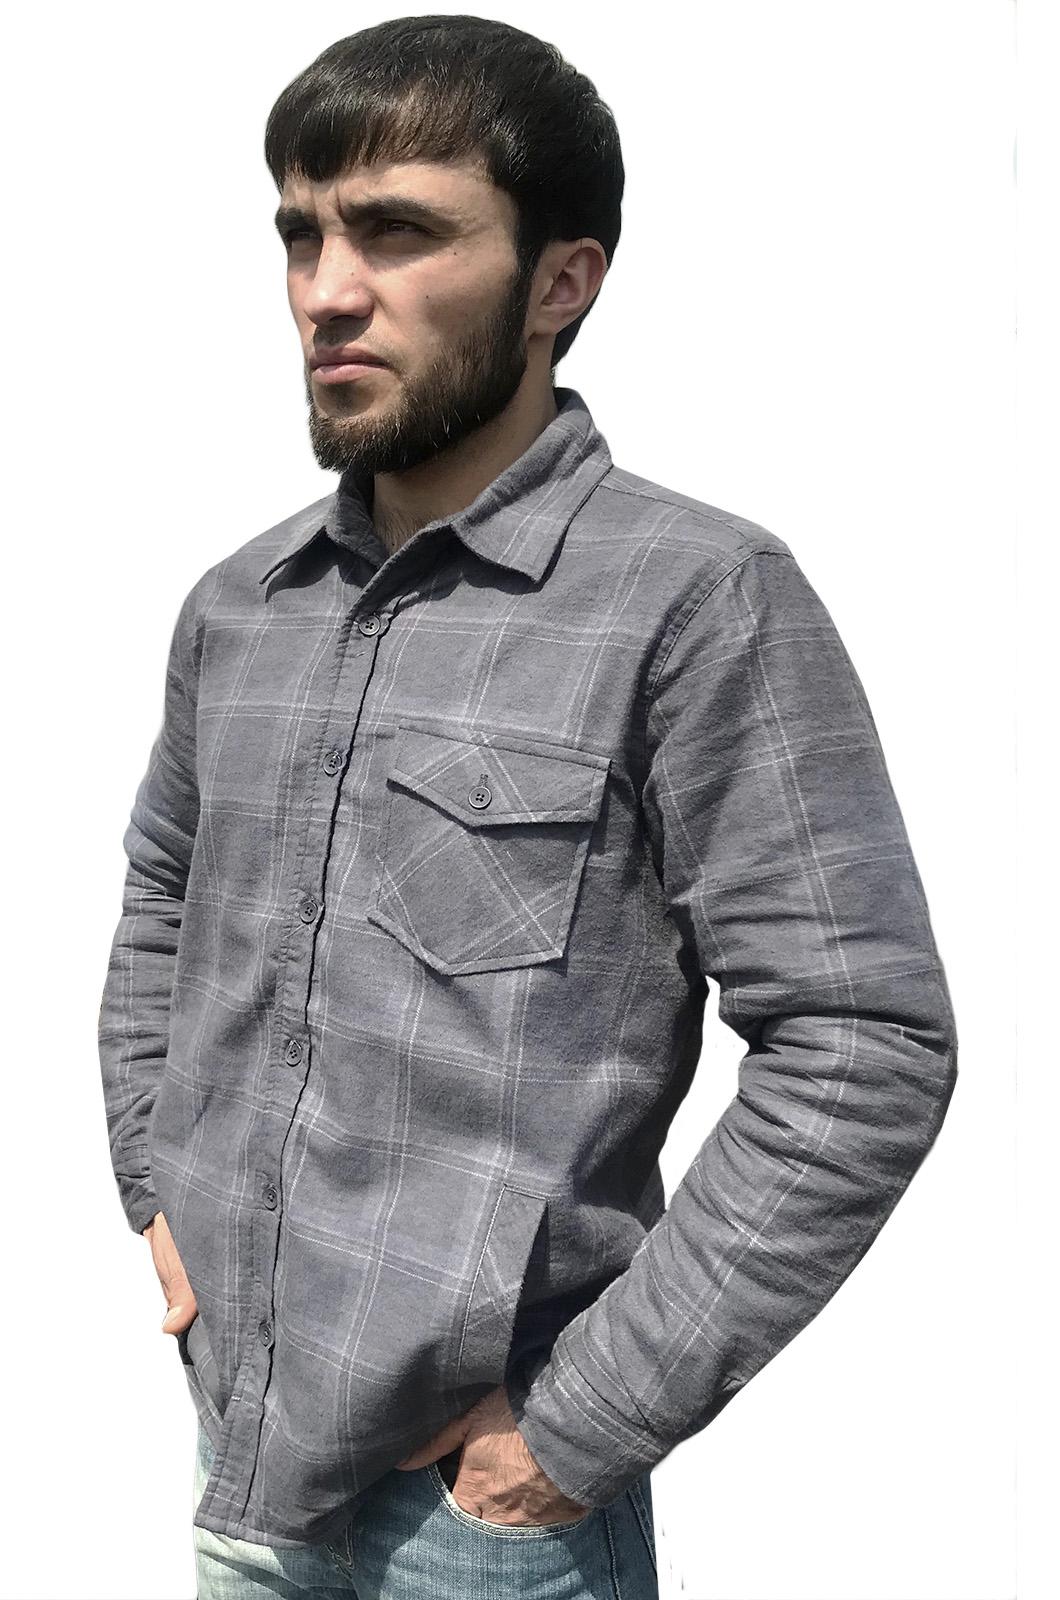 Клетчатая рубашка с шевроном 16 ОБрСпН купить в подарок